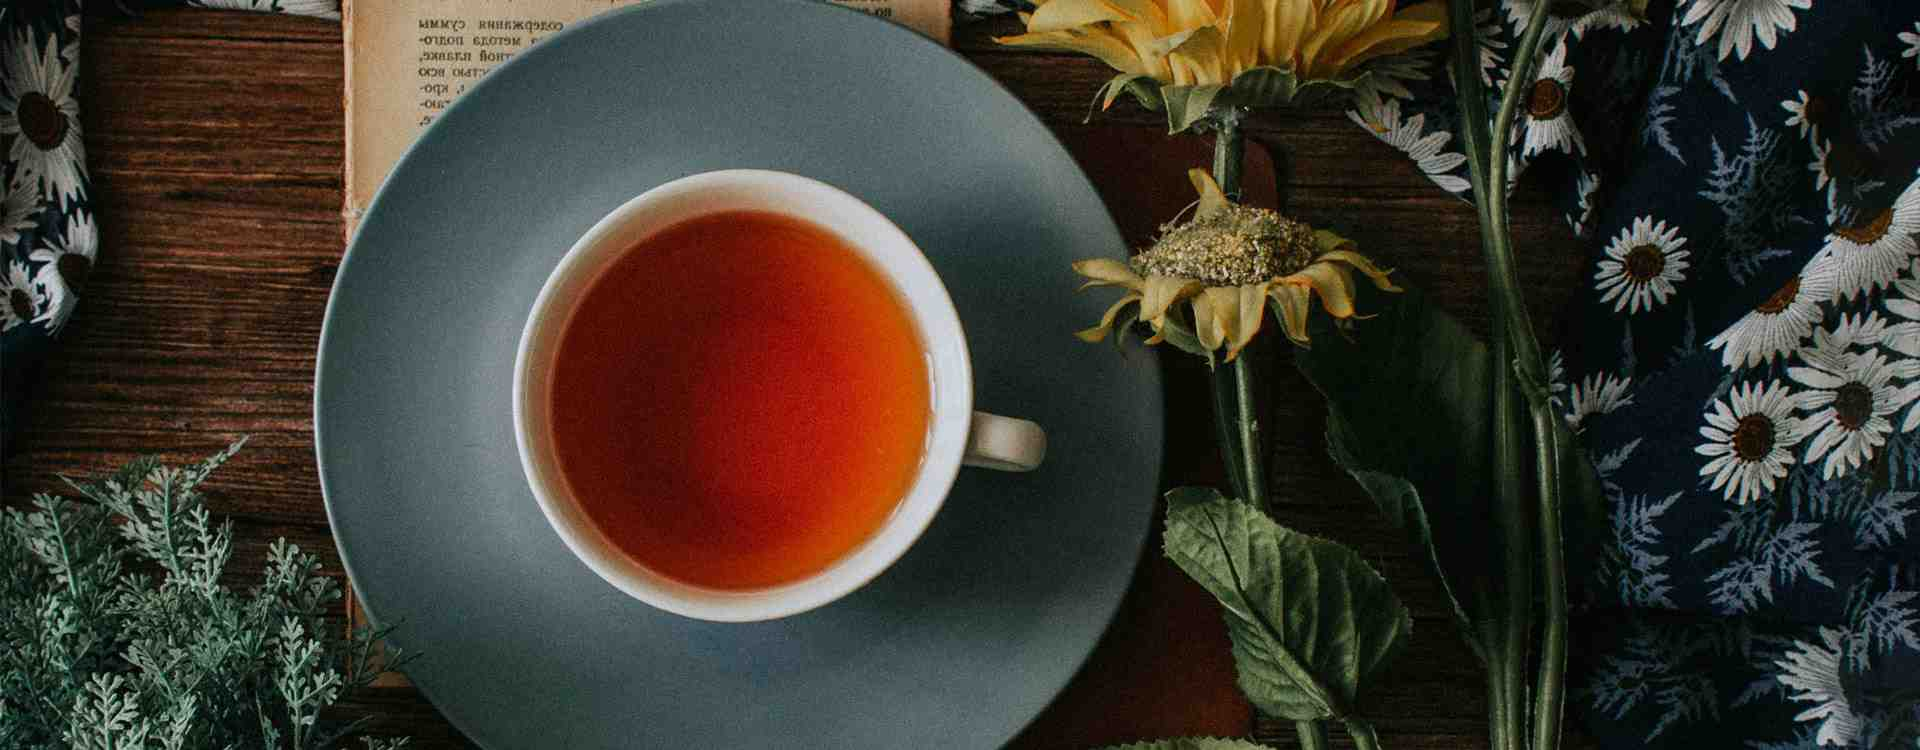 Est-ce que le thé blanc est un excitant ?